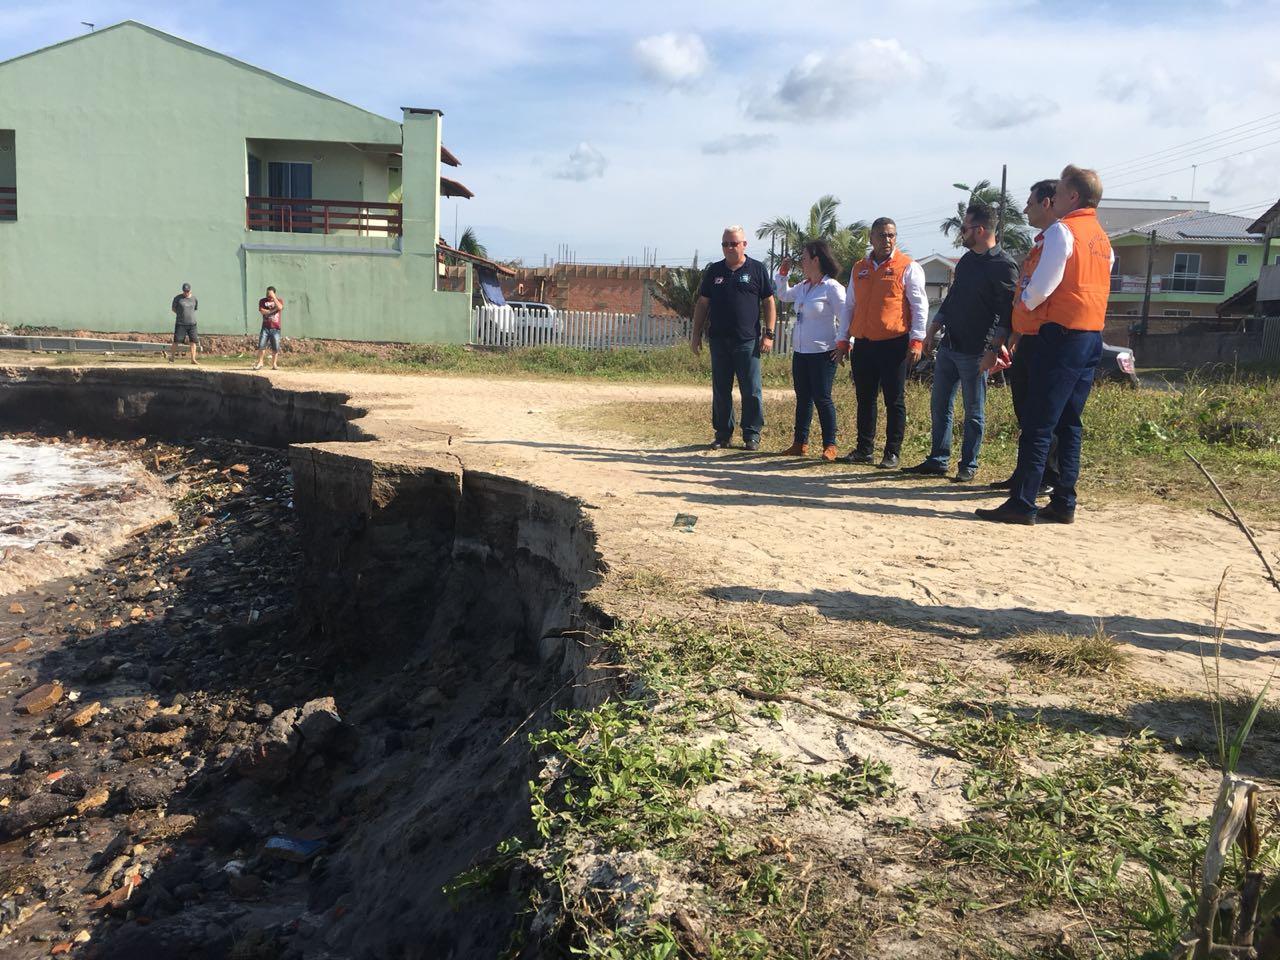 Áreas atingidas foram vistoriadas nesta semana pela Prefeitura e equipes da Defesa Civil Estadual | Fotos Jadiel Miotti/Prefeitura de Itapoá